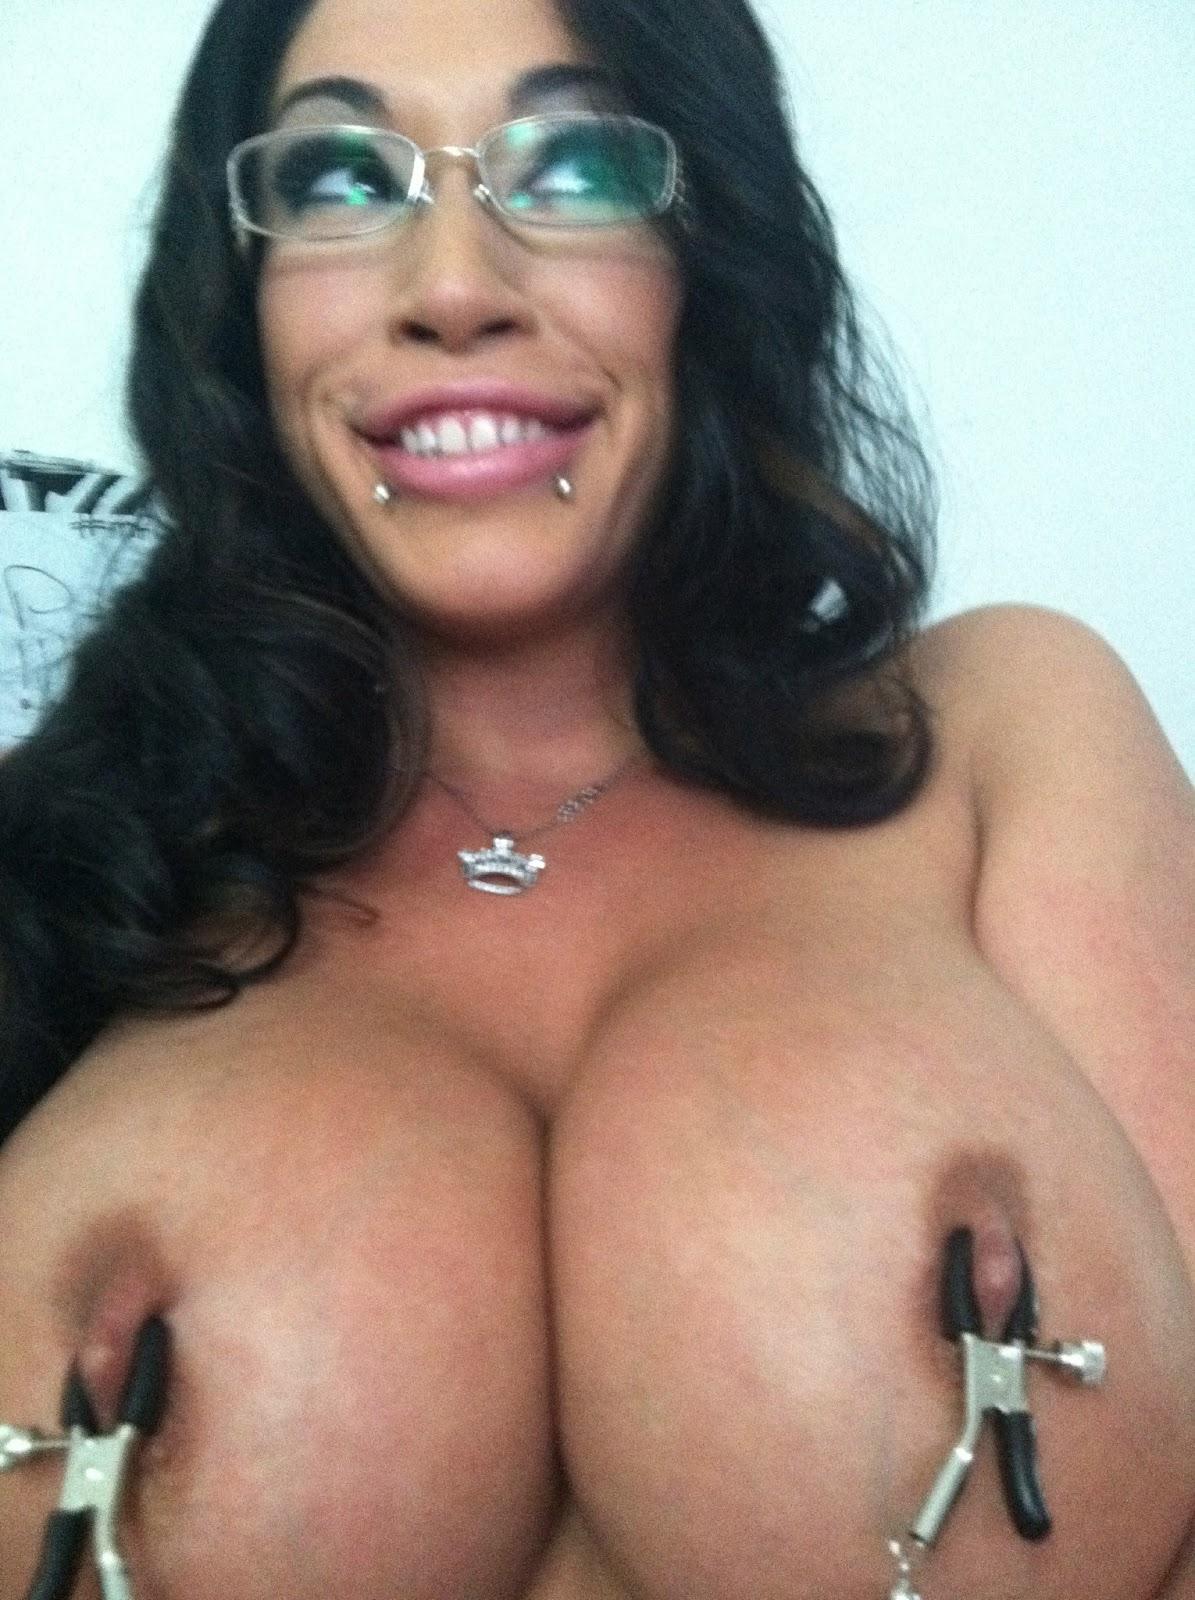 Vanessa james webcam